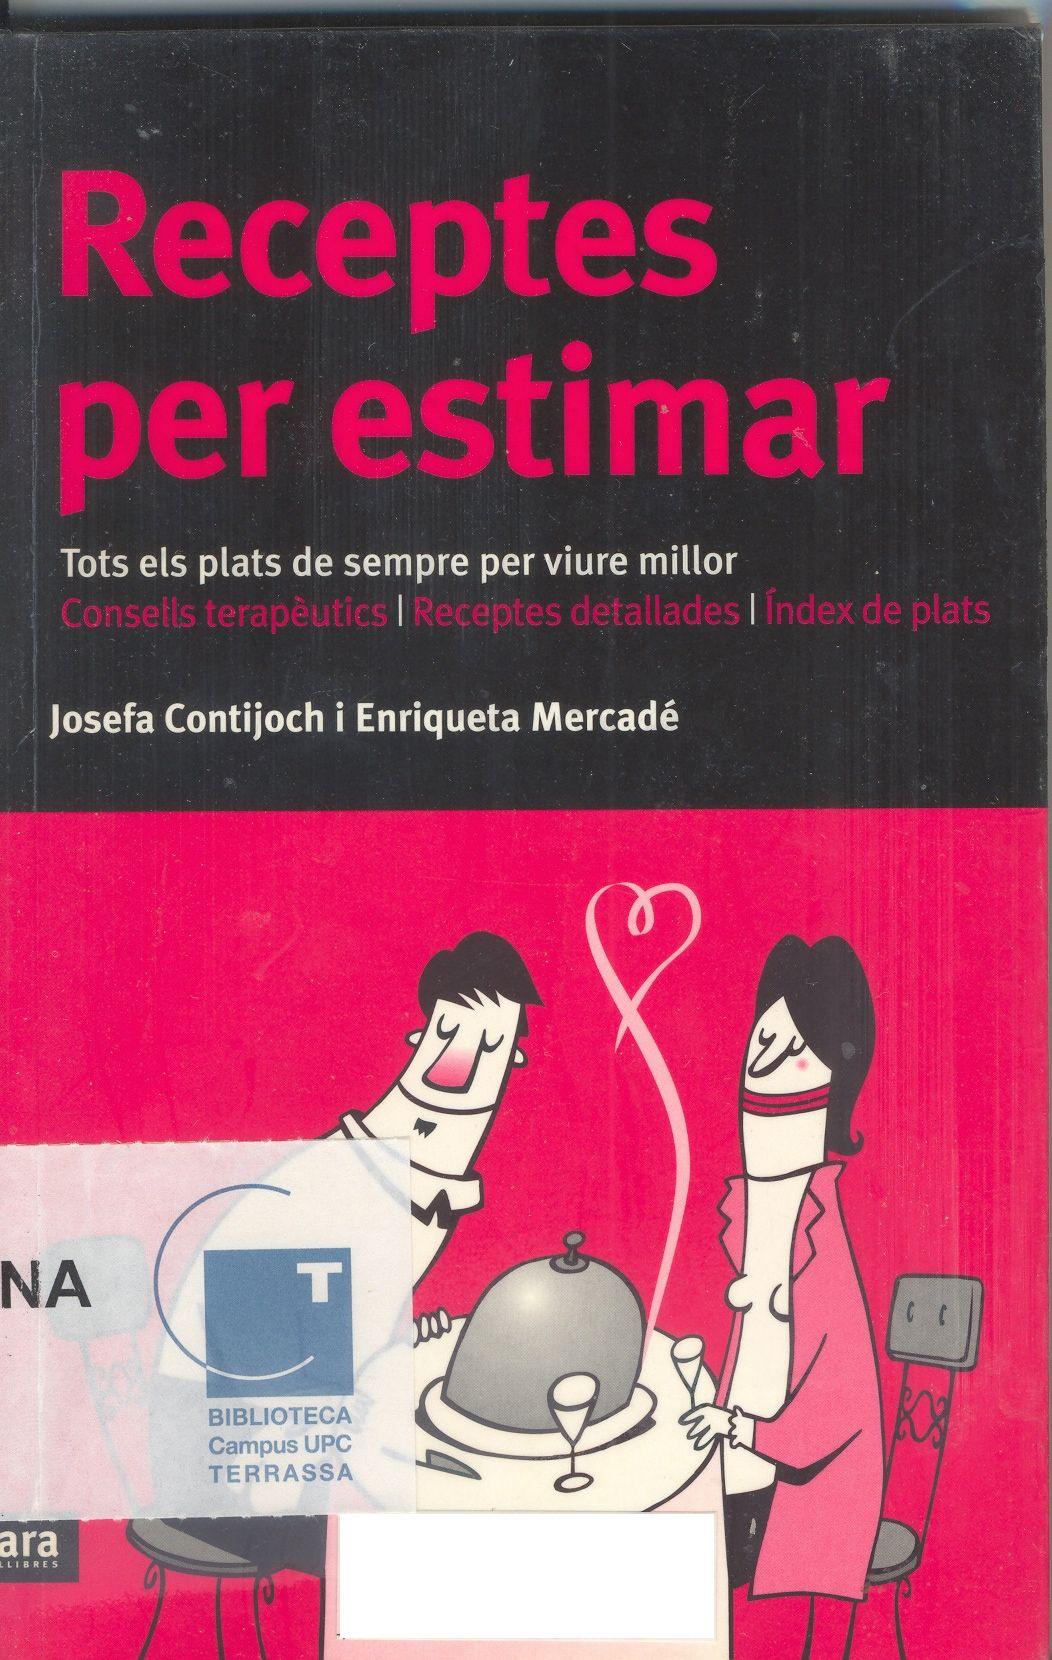 Receptes per estimar - Josefa Contijoch i Enriqueta Mercadé